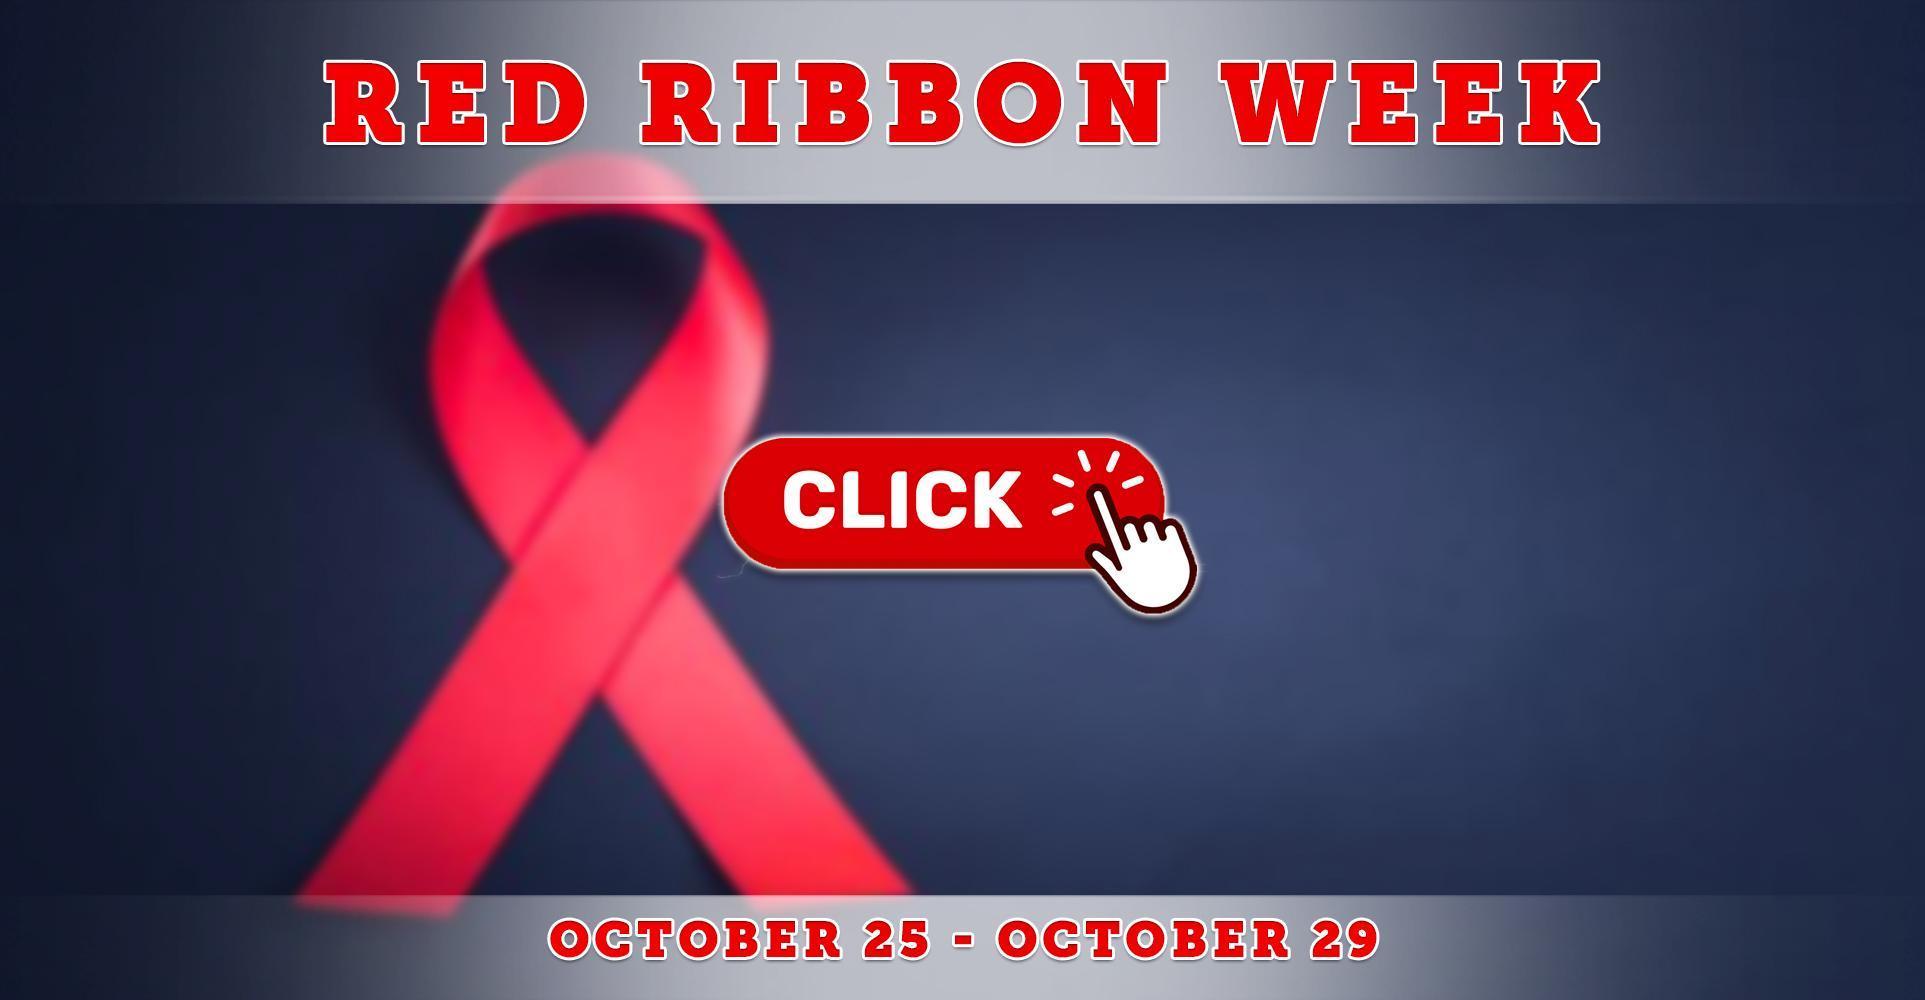 Red Ribbon Week Begins October 25!